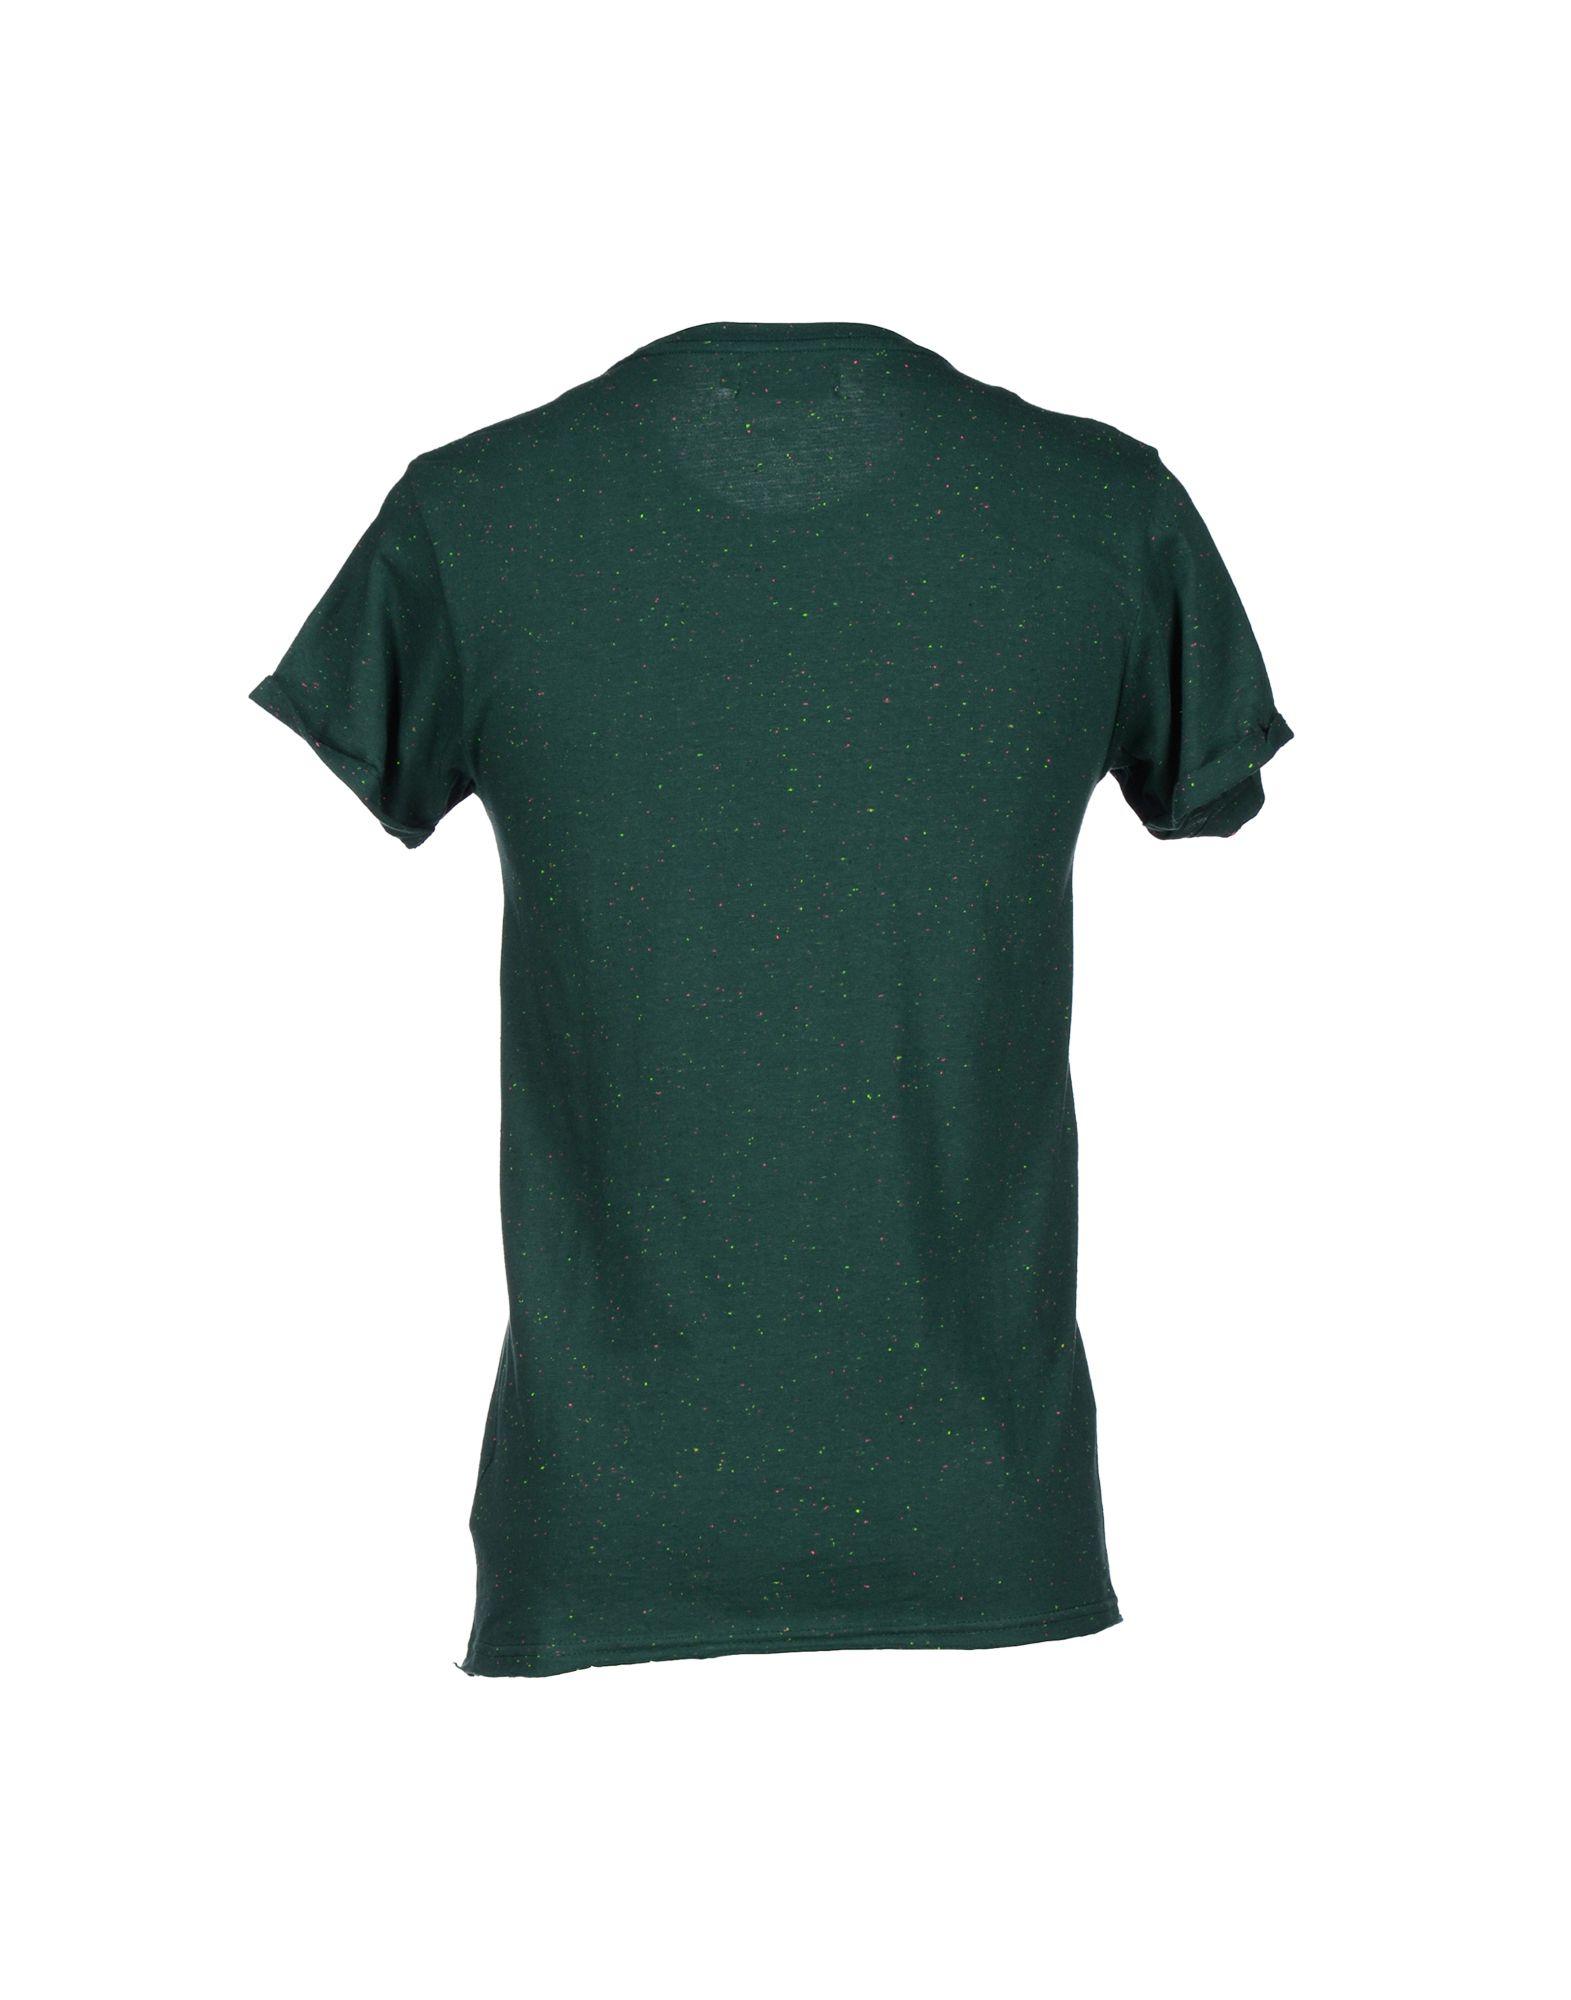 lyst eleven paris t shirt in green for men. Black Bedroom Furniture Sets. Home Design Ideas